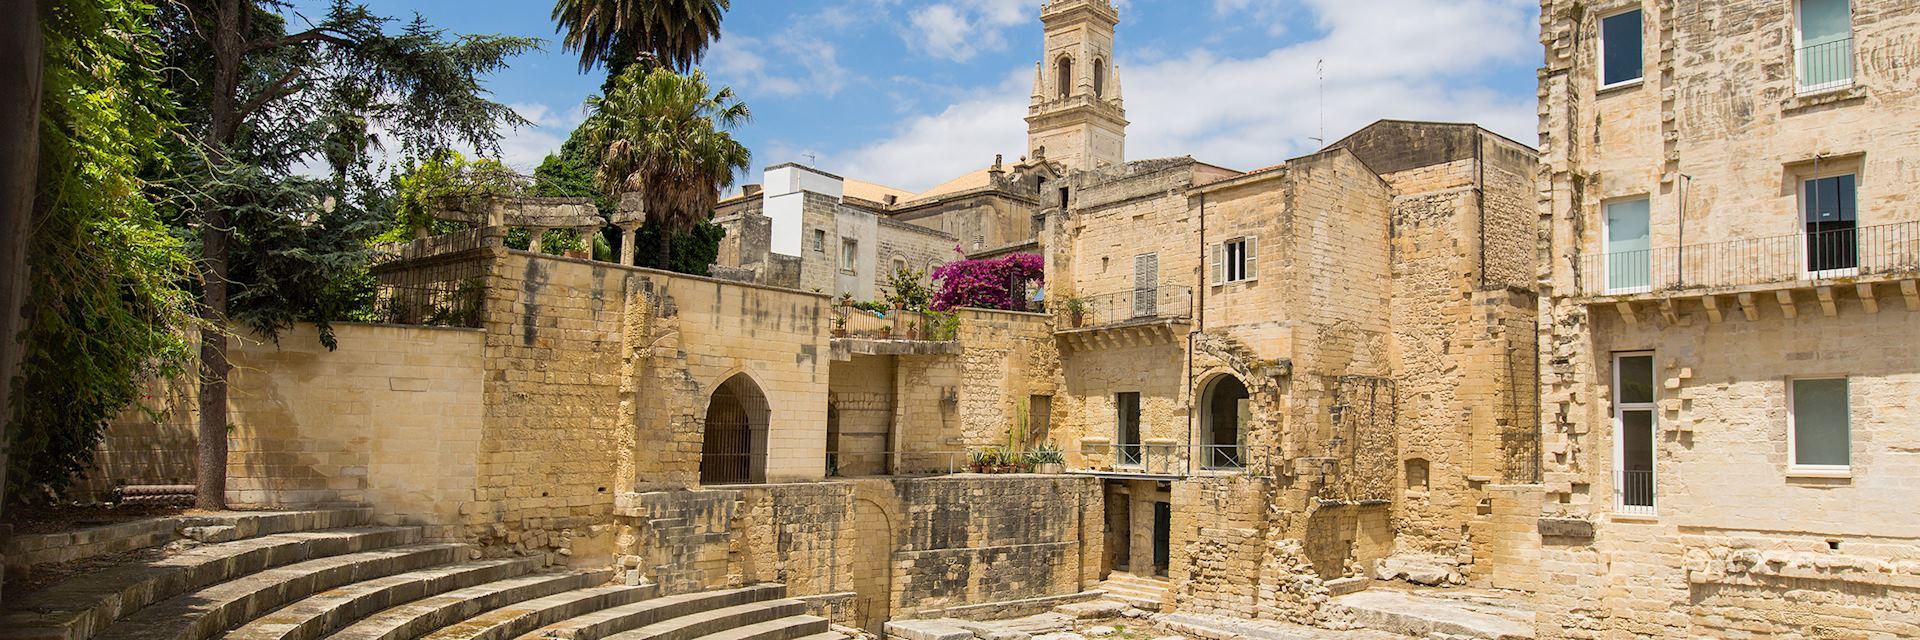 Roman amphitheatre, Lecce